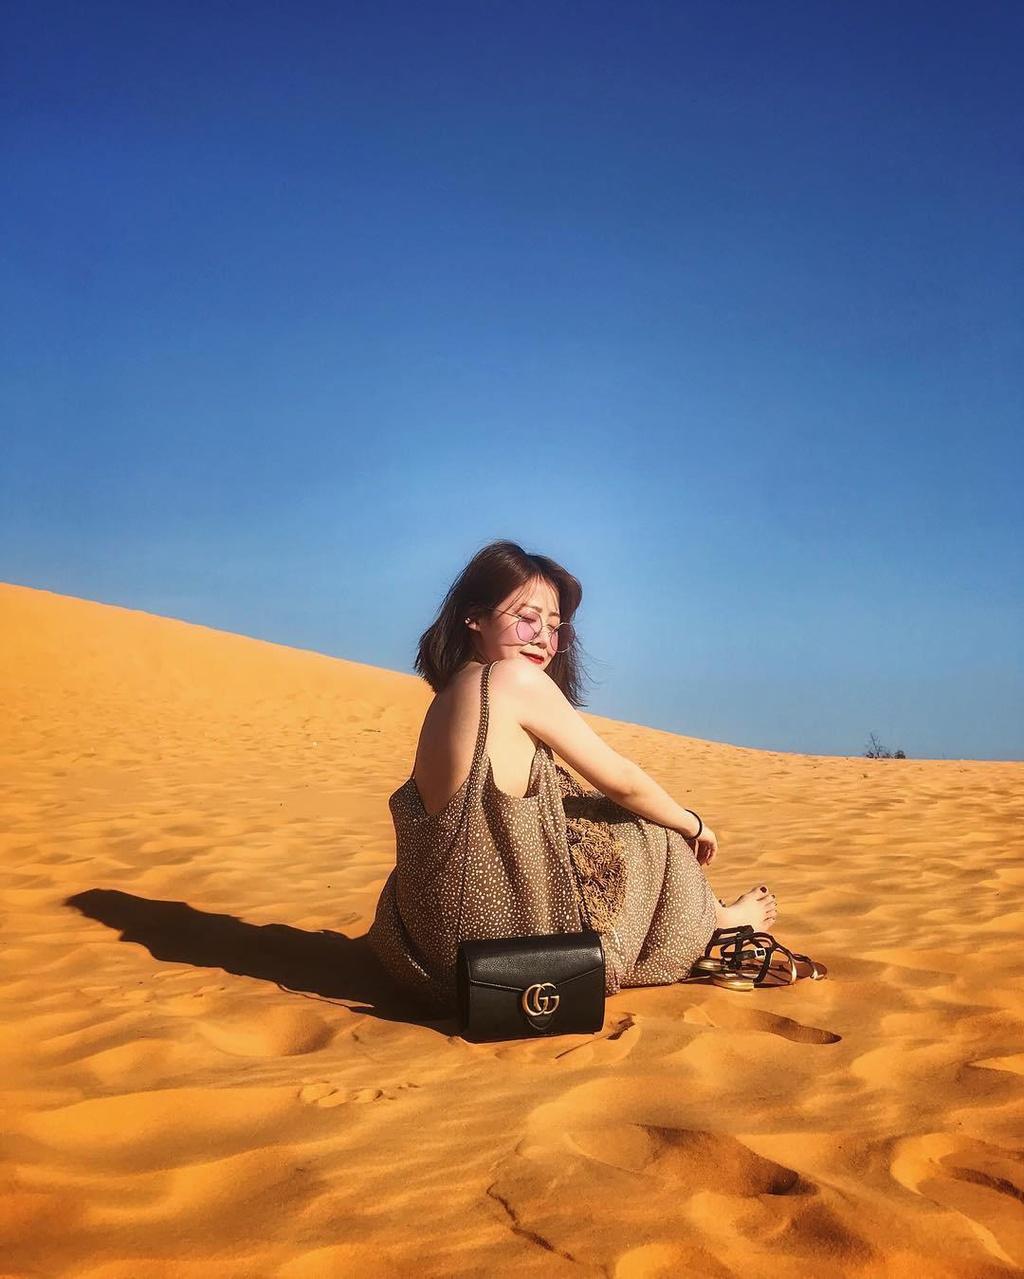 đồi cát miền trung